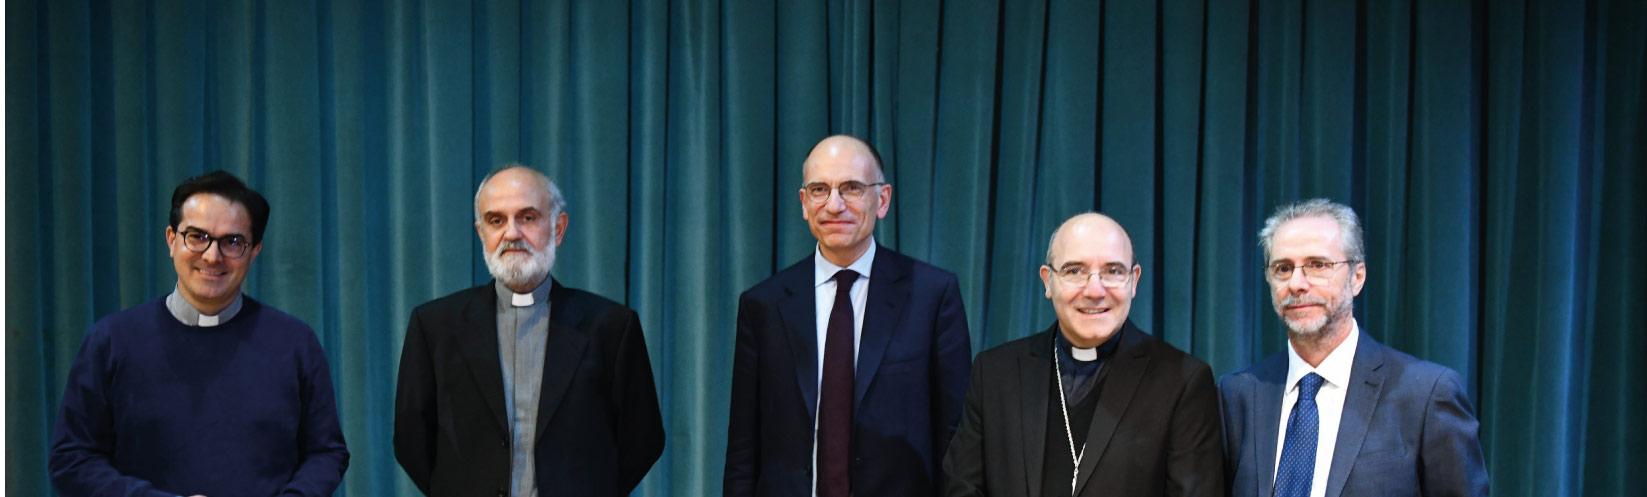 """Enrico Letta inaugura il nuovo A.A. 2019/2020 dell'Istituto di Scienze Religiose """"San Giuseppe Moscati"""""""